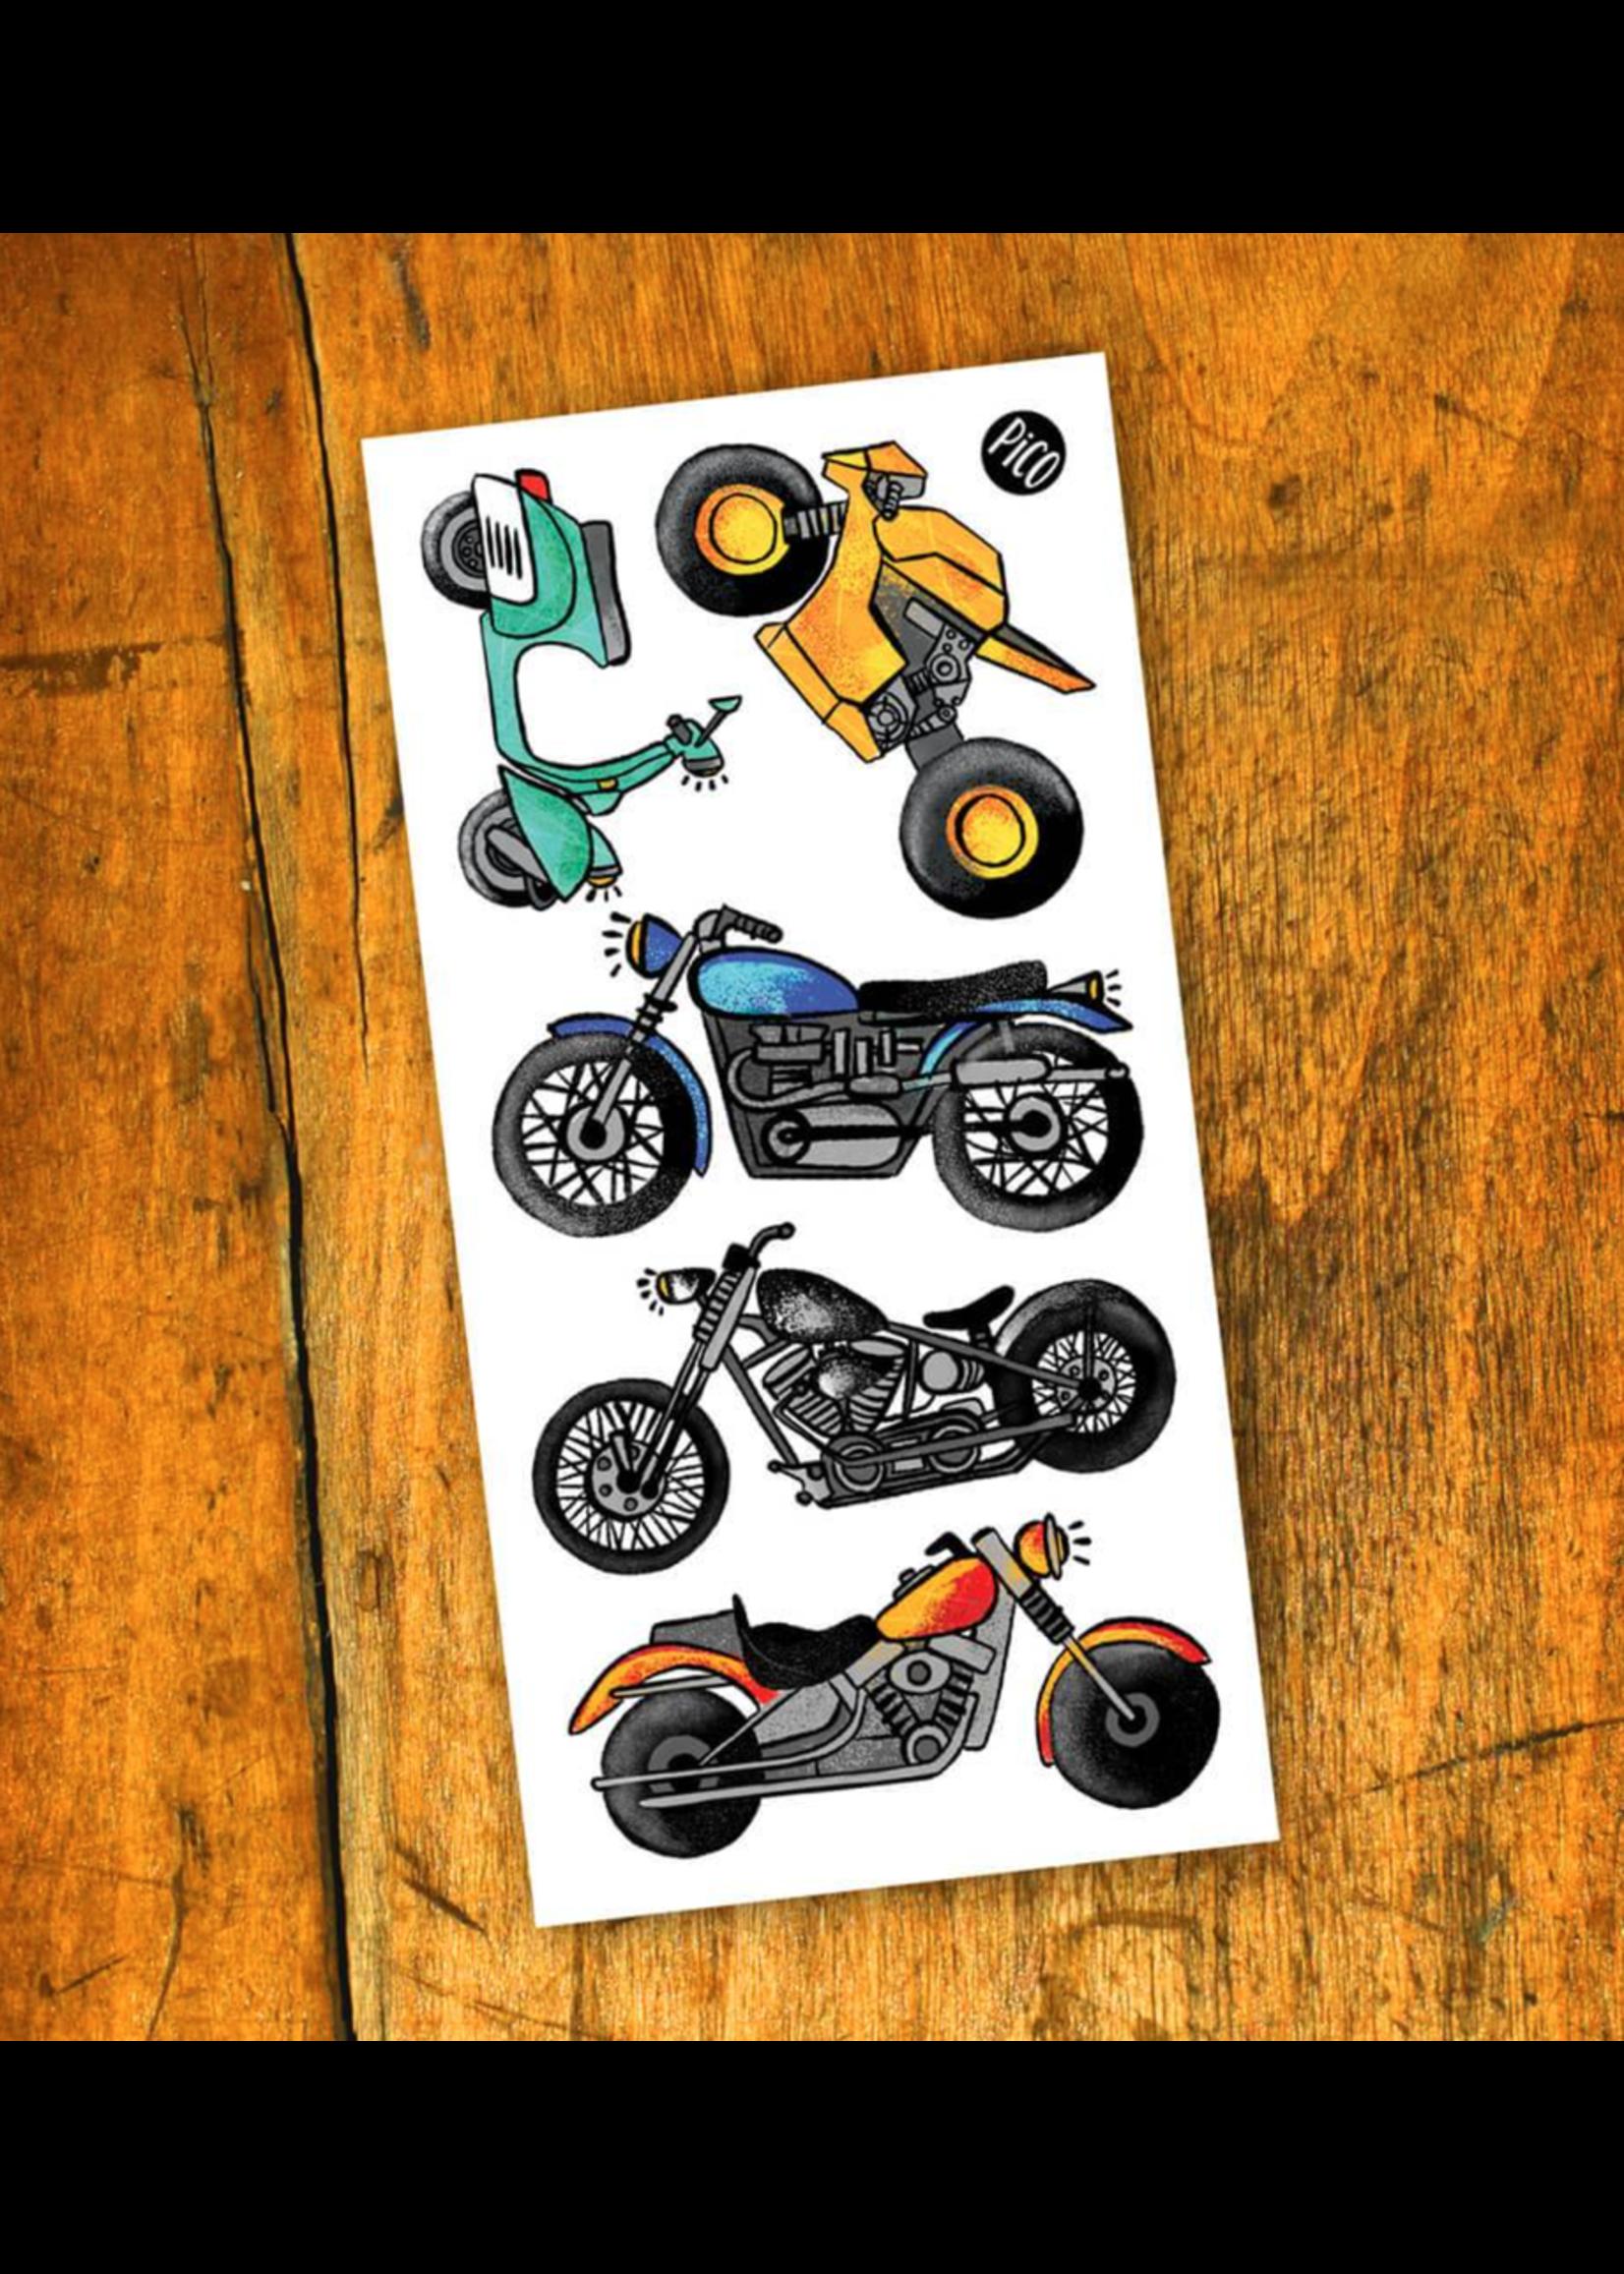 PiCO Tatoo Pico Temporary Tattoos, Motorcycle Love